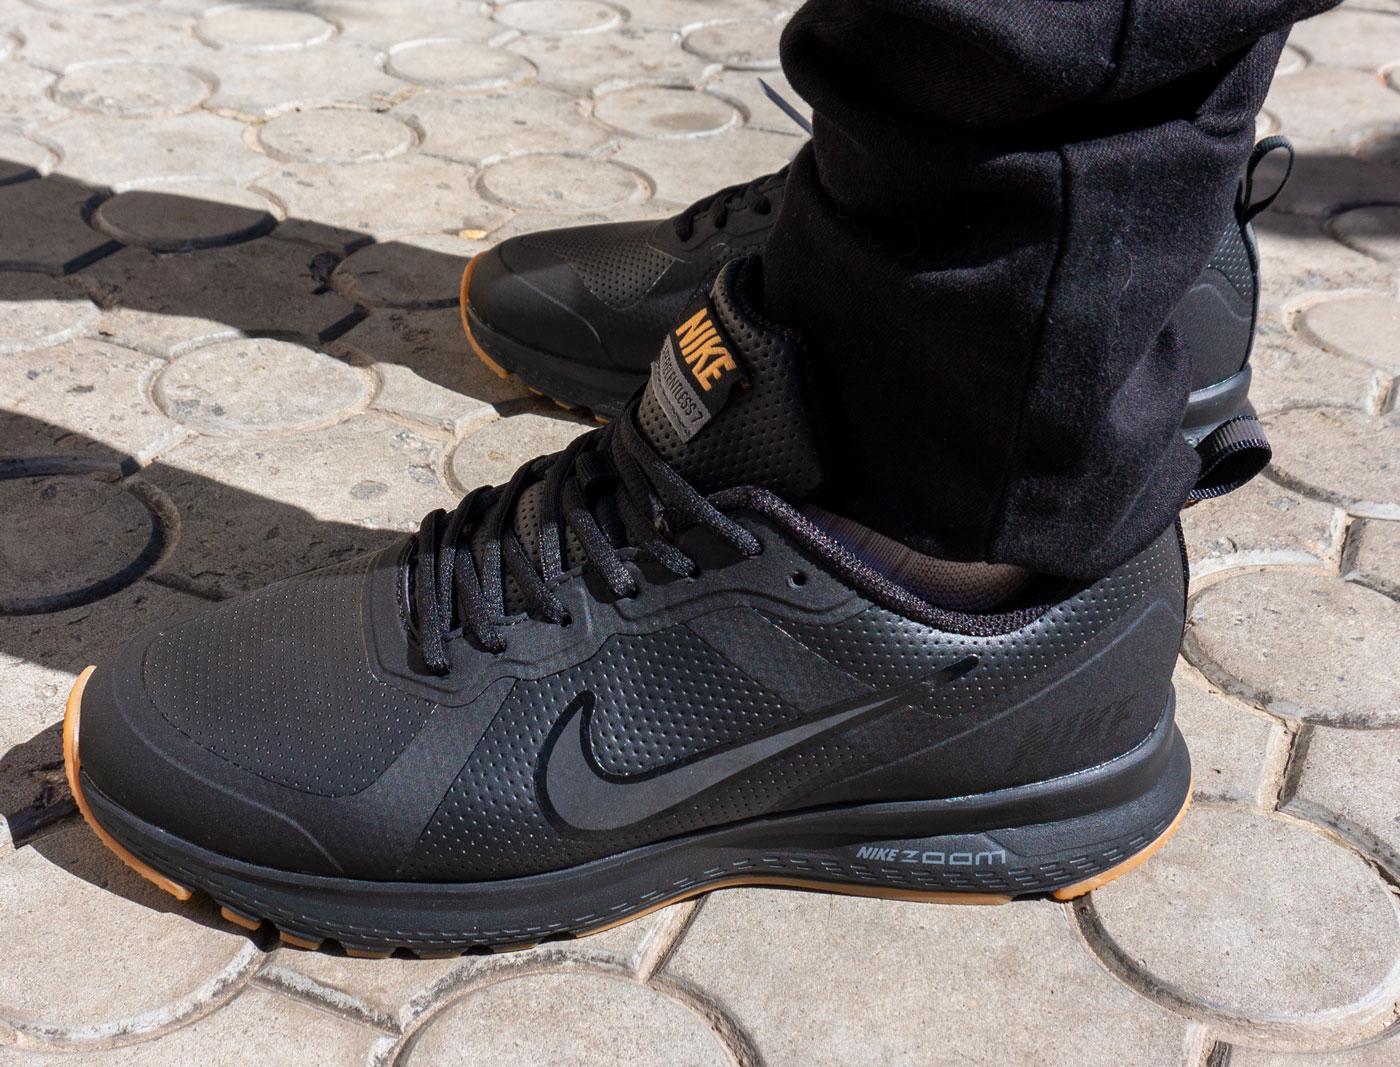 фото - Мужские осенние черные кроссовки Nike Air Relentless 7 MSL - Топ качество! на ноге.